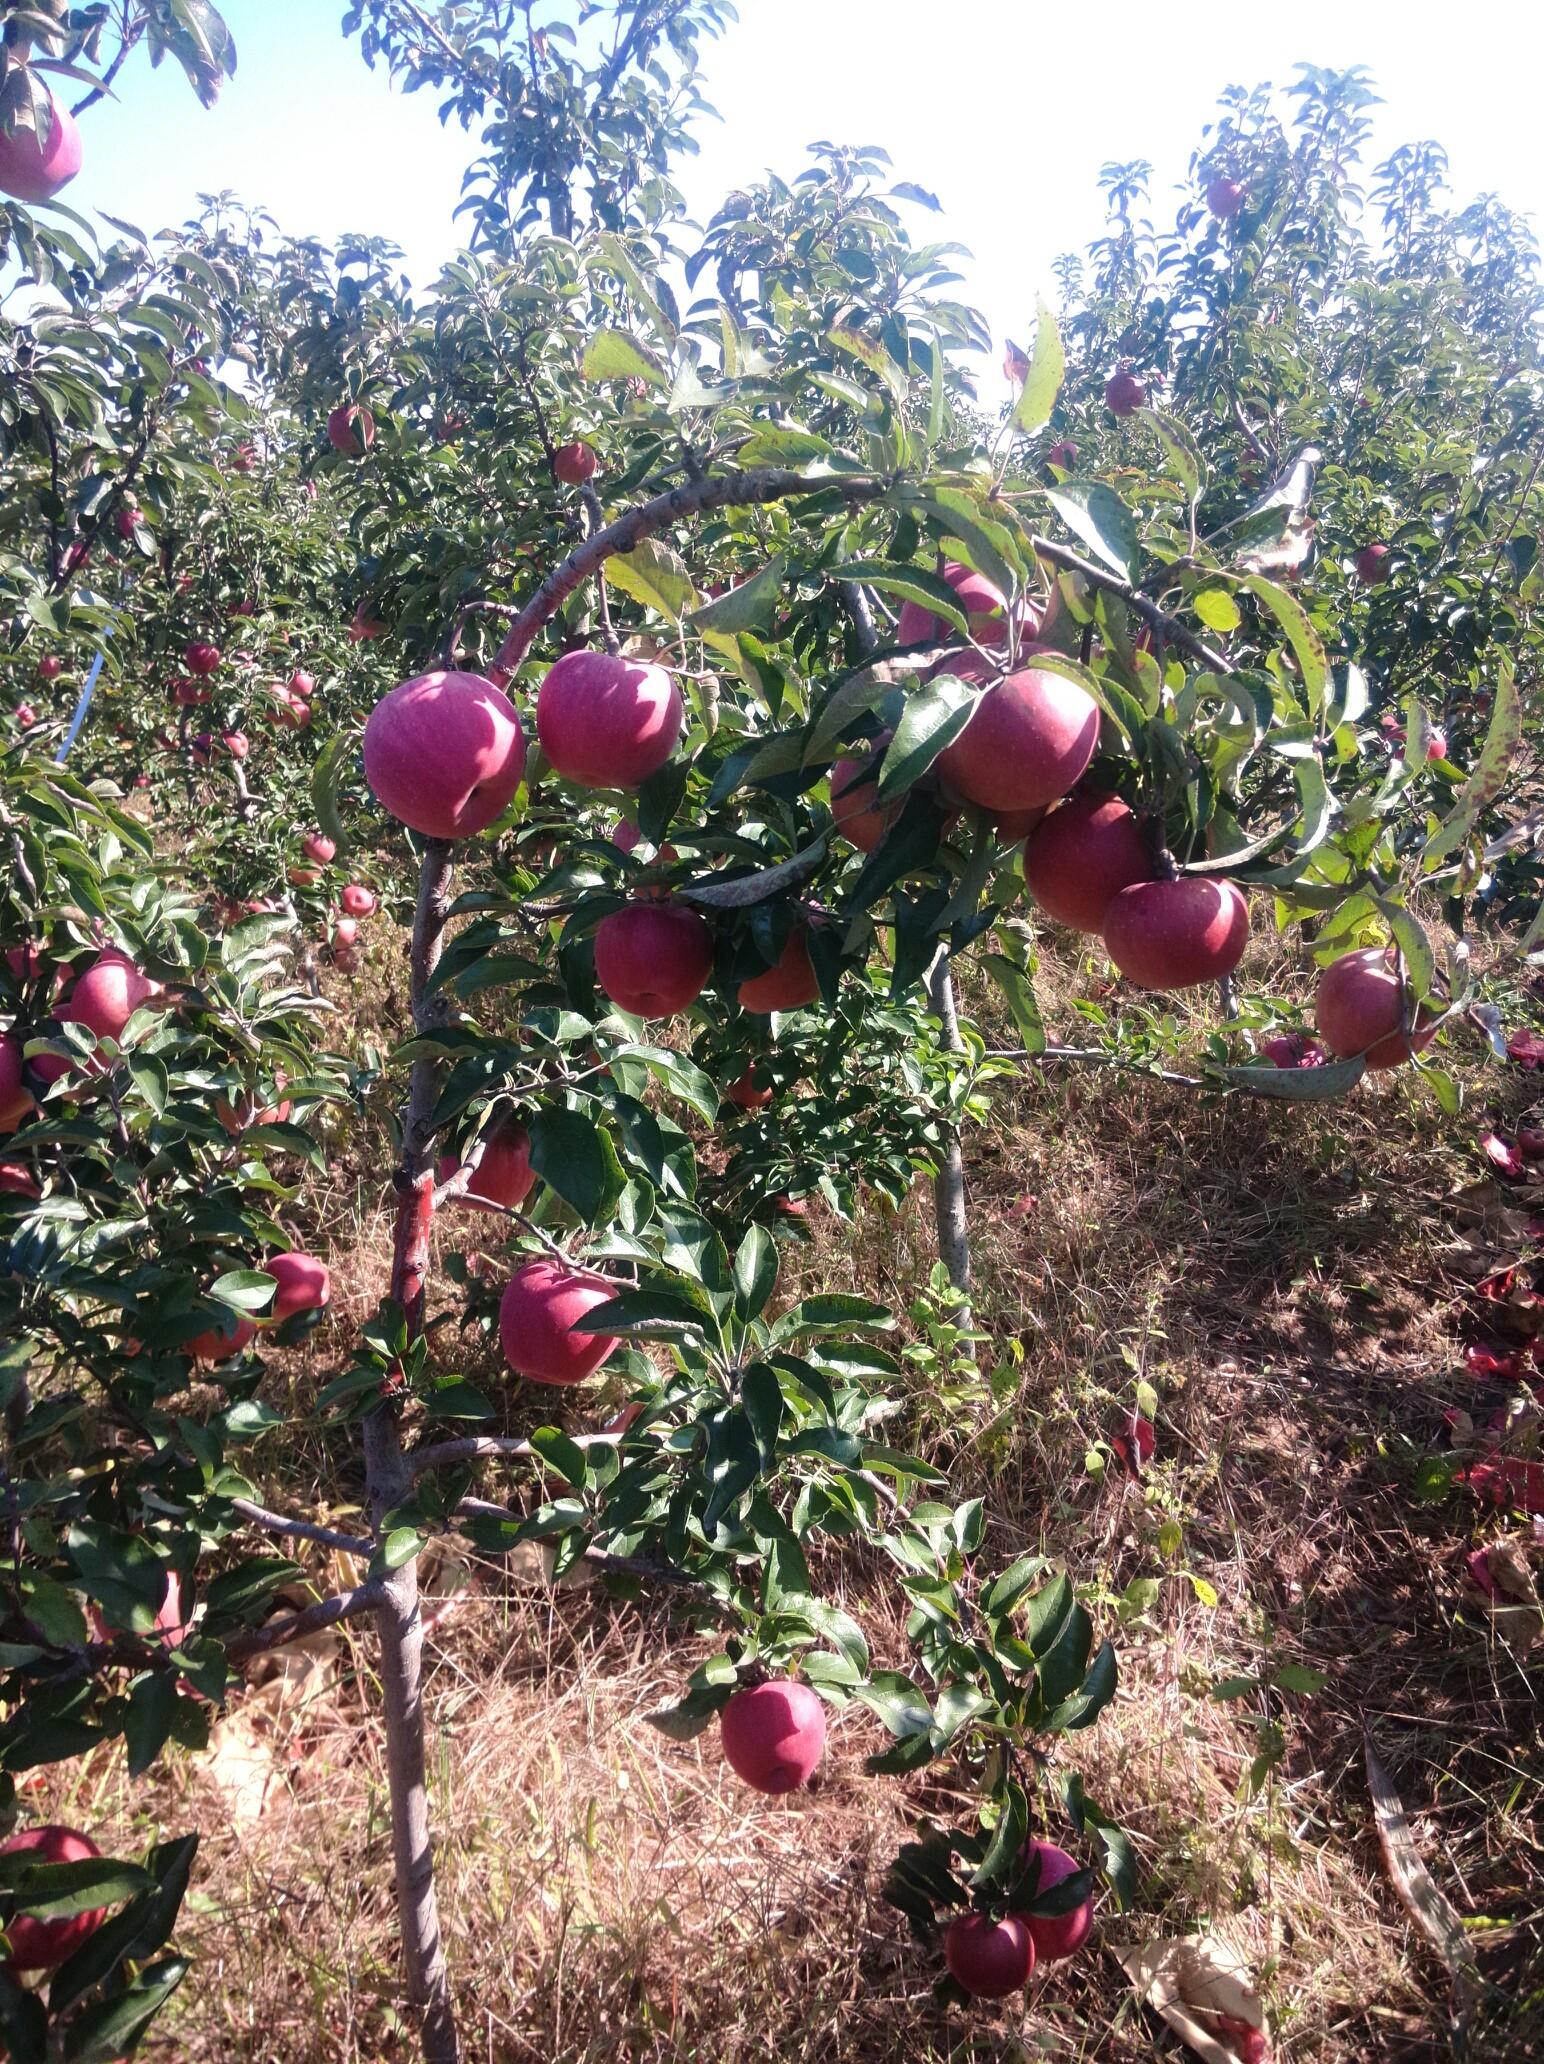 蘋果樹彎腰_帖子_oppo手機官方社區